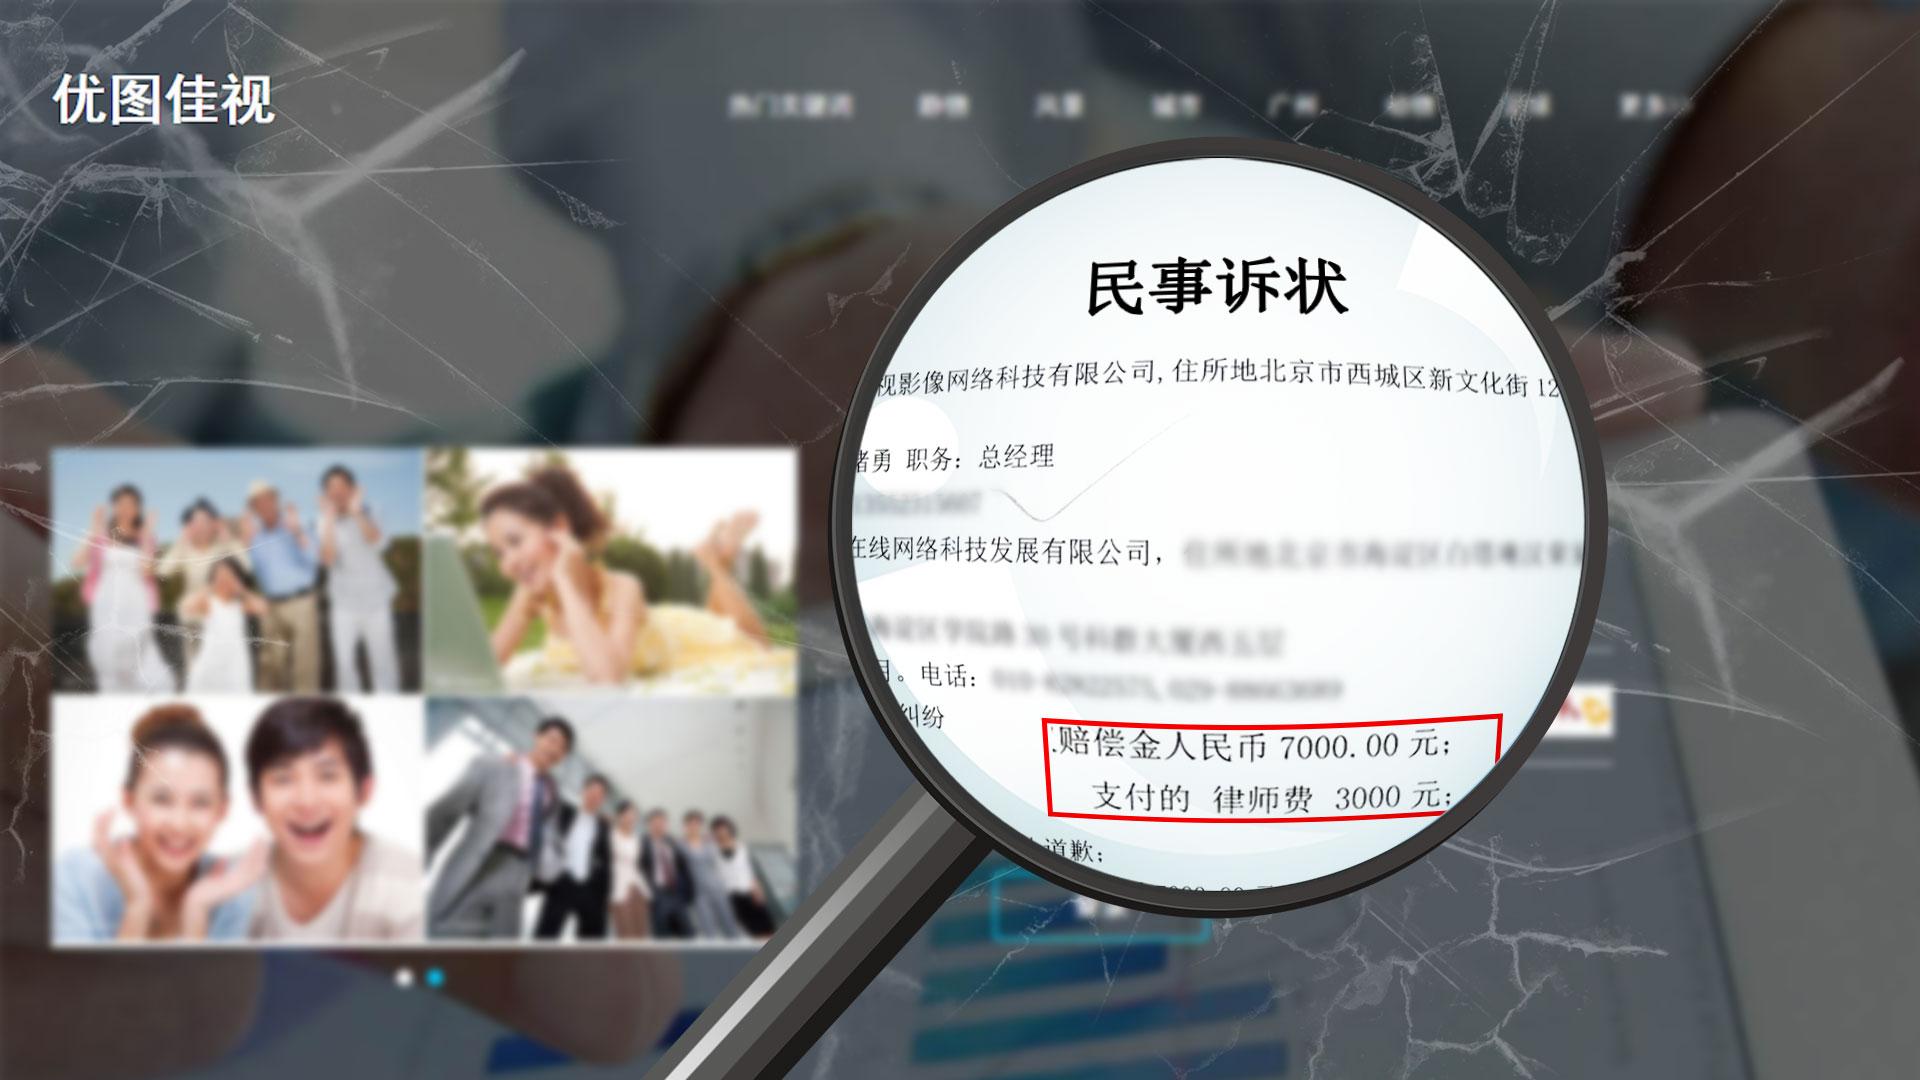 真相科技 | 优图佳视单图索赔1万元 又一个视觉中国?